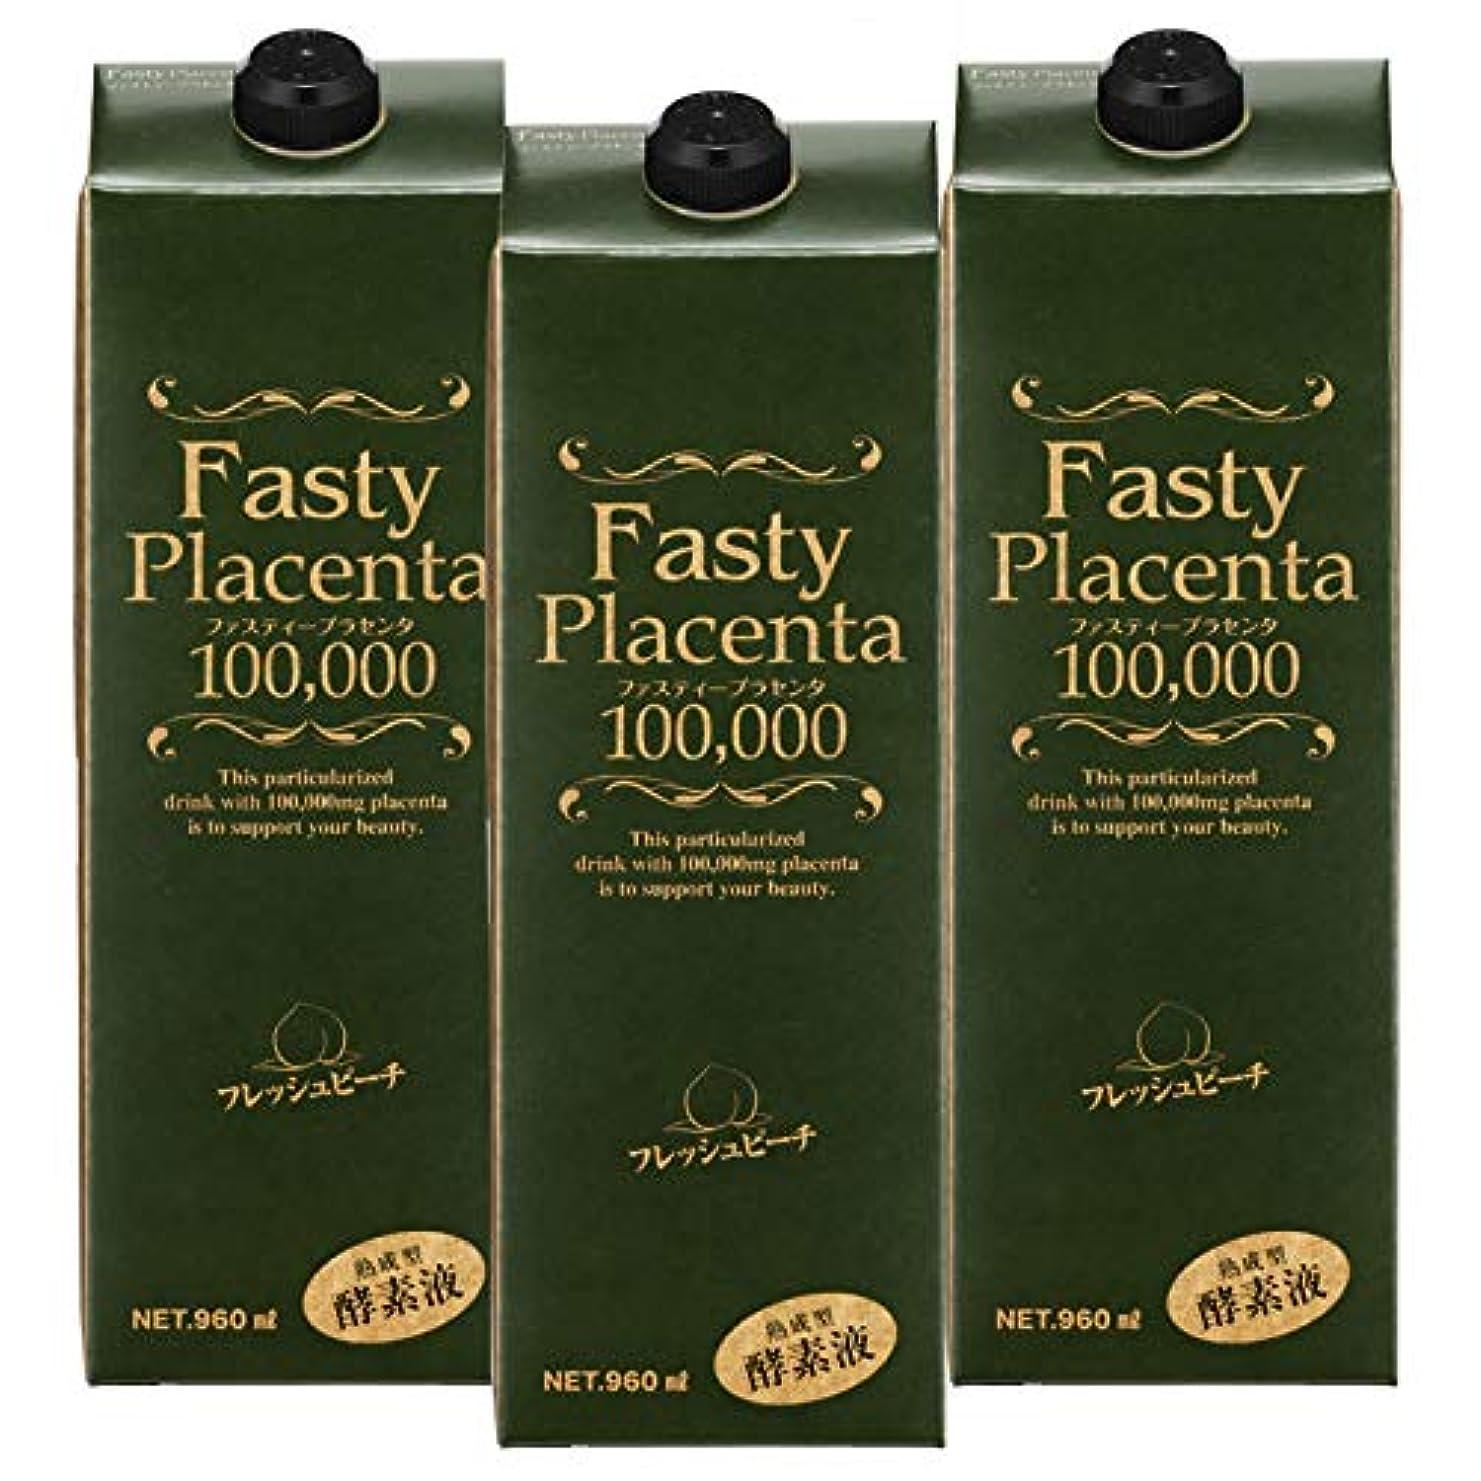 最適クルーズカメラファスティープラセンタ100,000 増量パック(フレッシュピーチ味) 3本